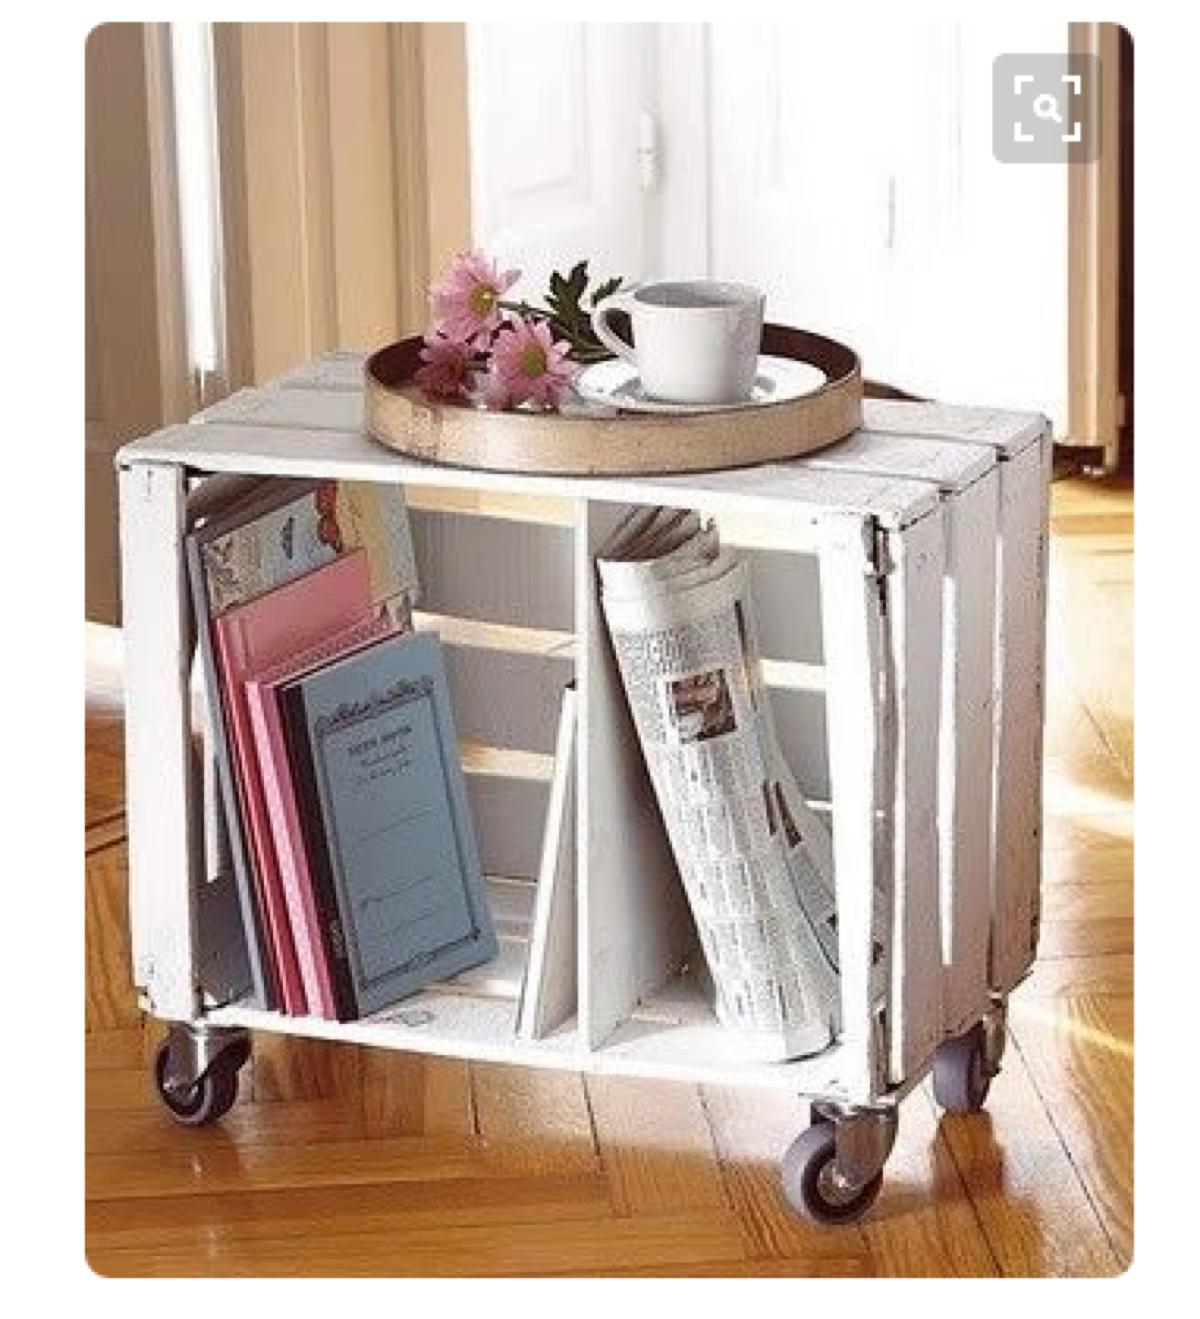 Pin de Jade Rosling-Lopez en master bedroom | Pinterest | Caja de ...